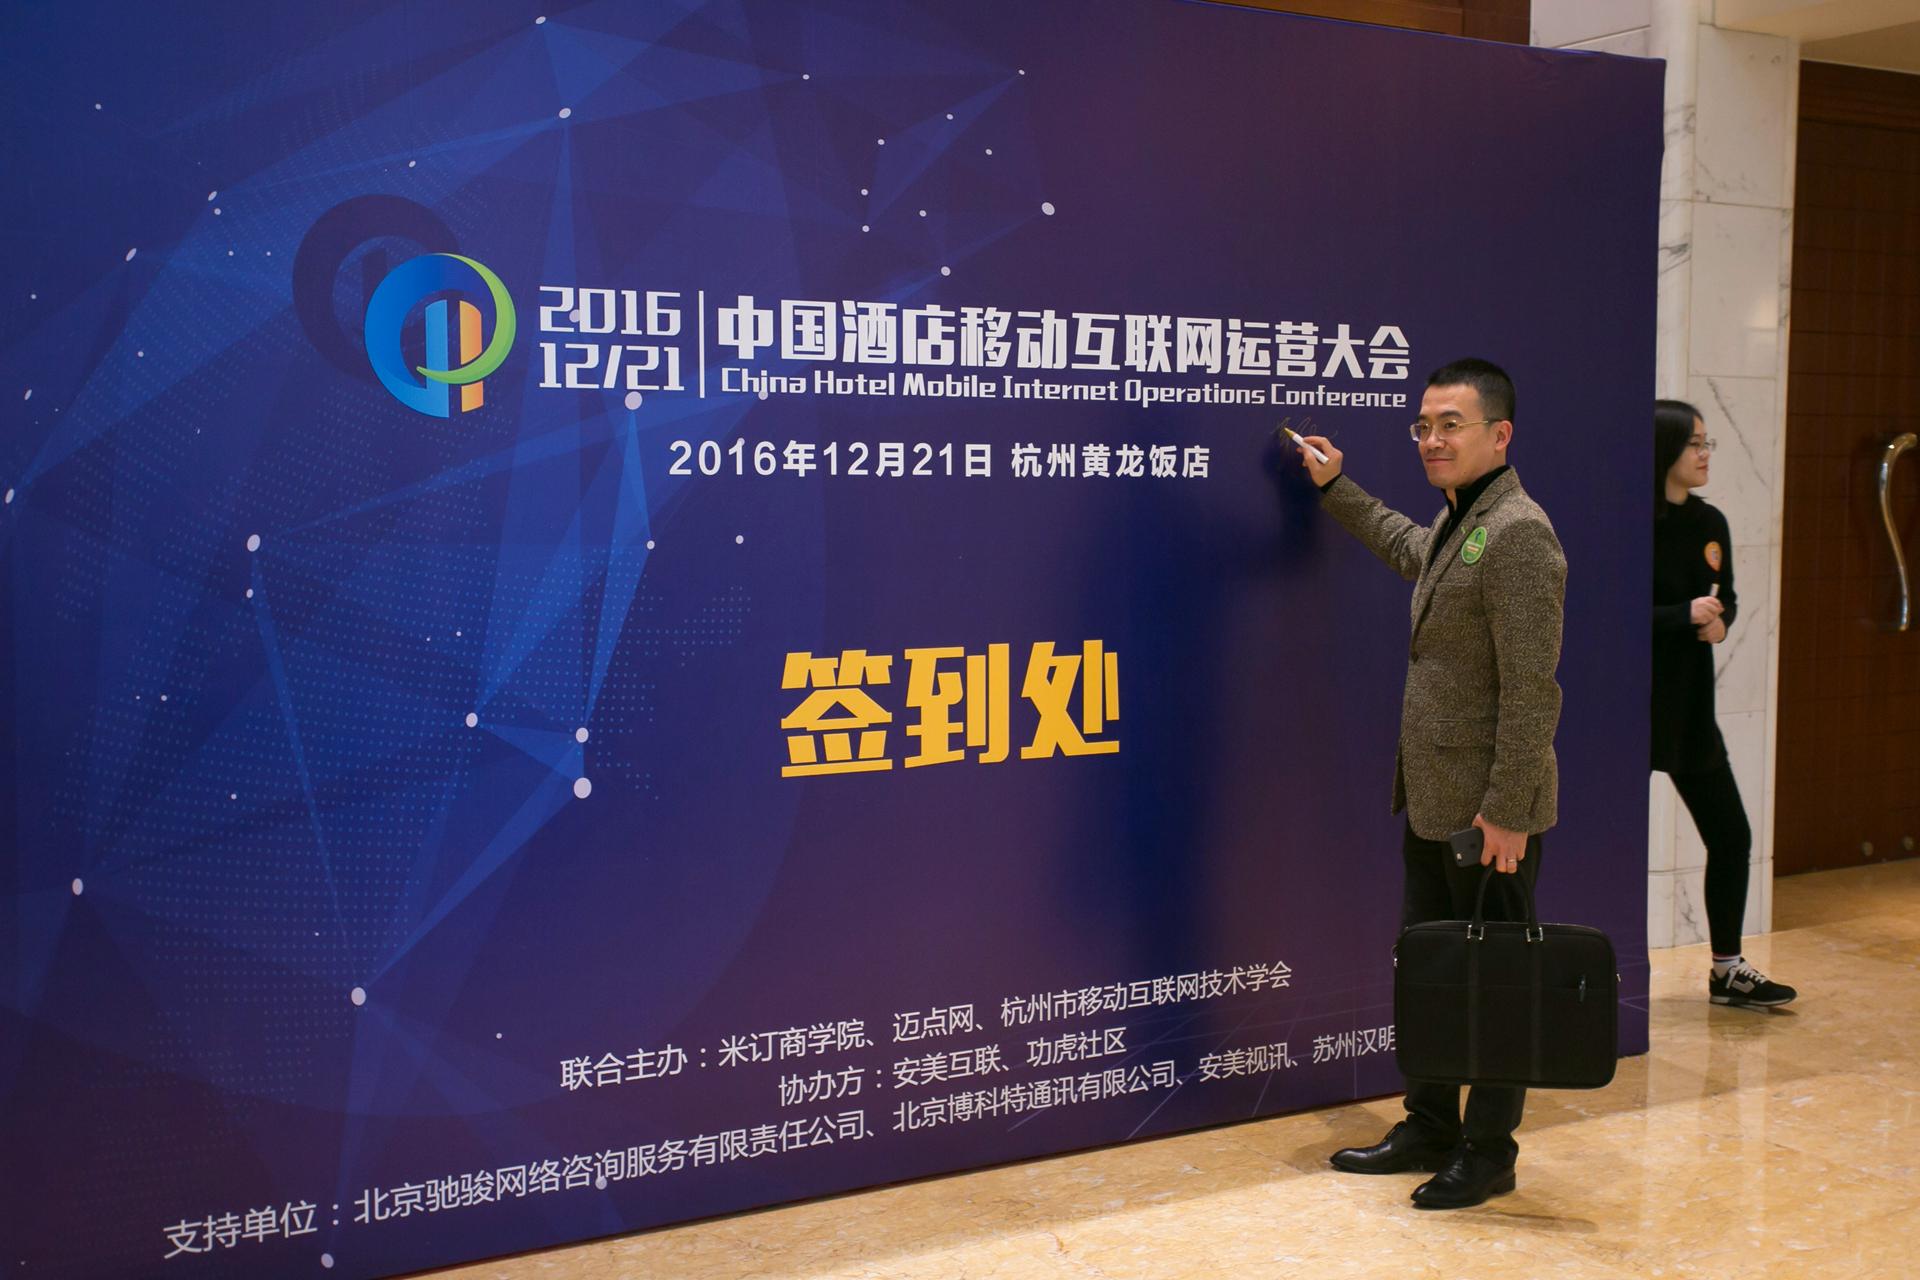 2016中国酒店移动互联网运营大会